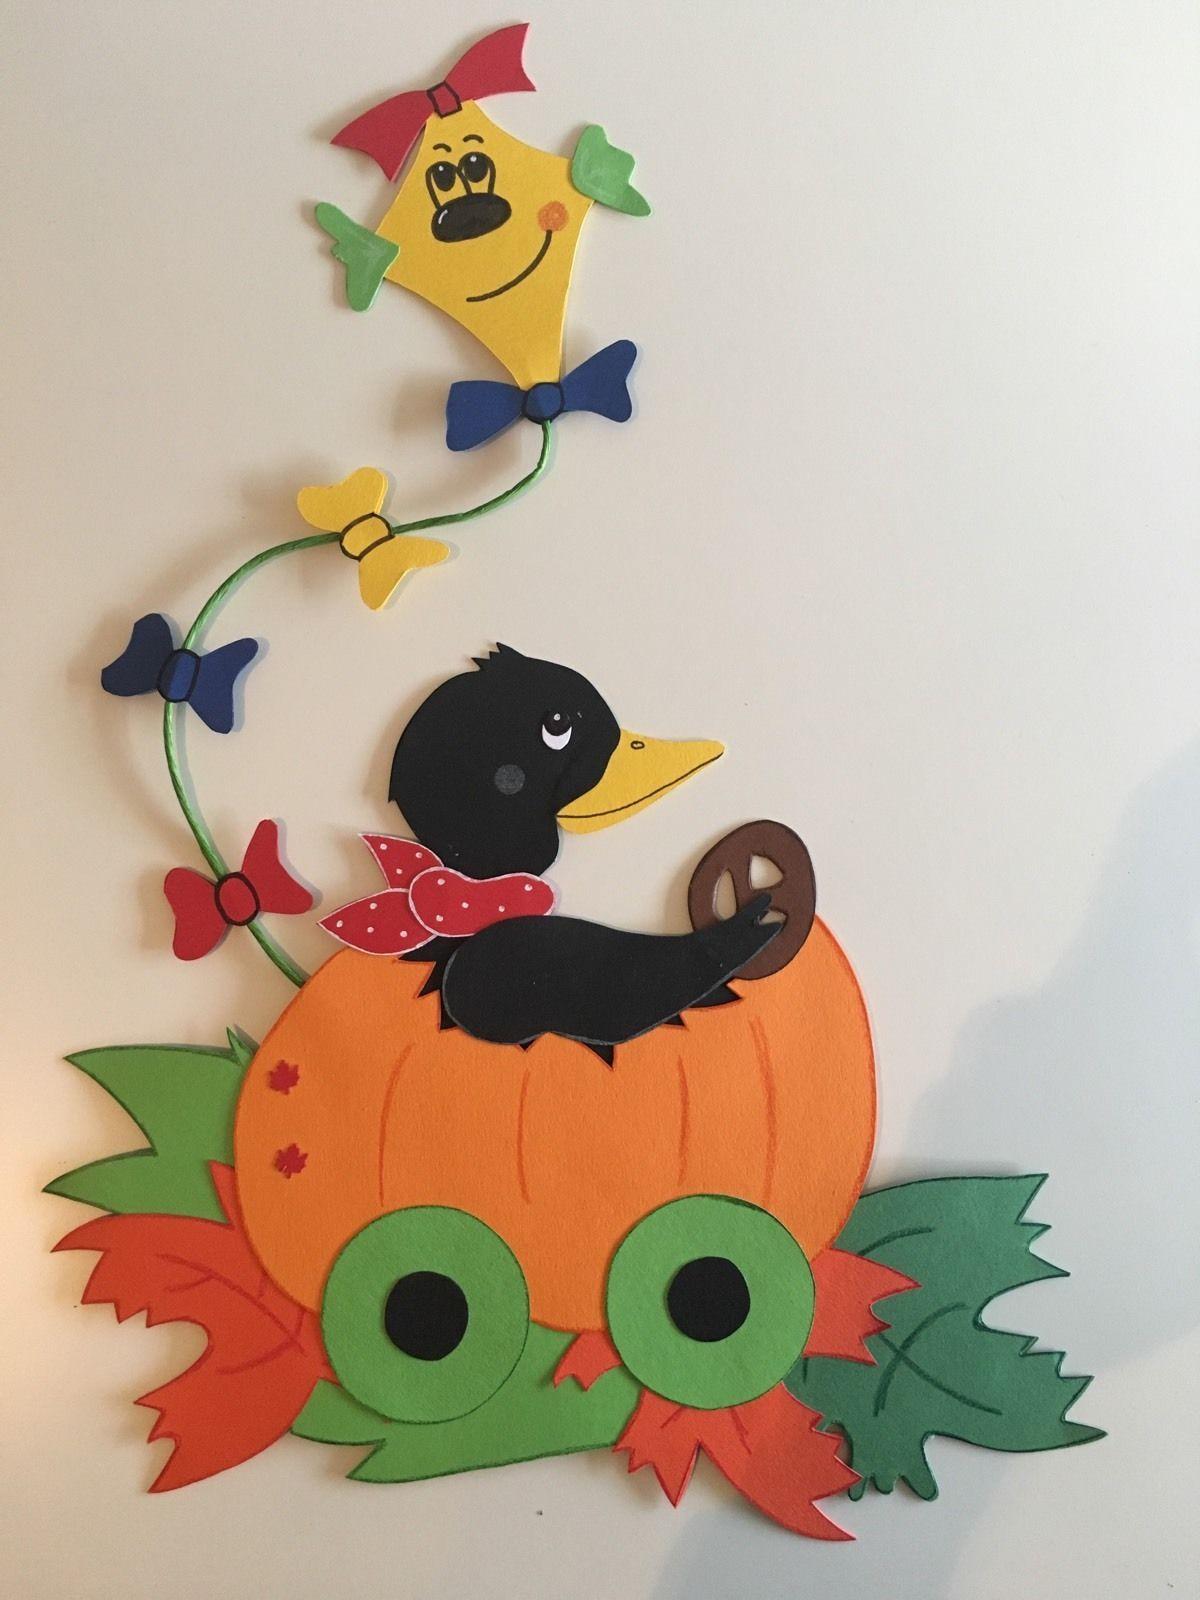 Fensterbild tonkarton rabe k rbis herbst halloween - Herbst bastelvorlagen fensterbilder ...